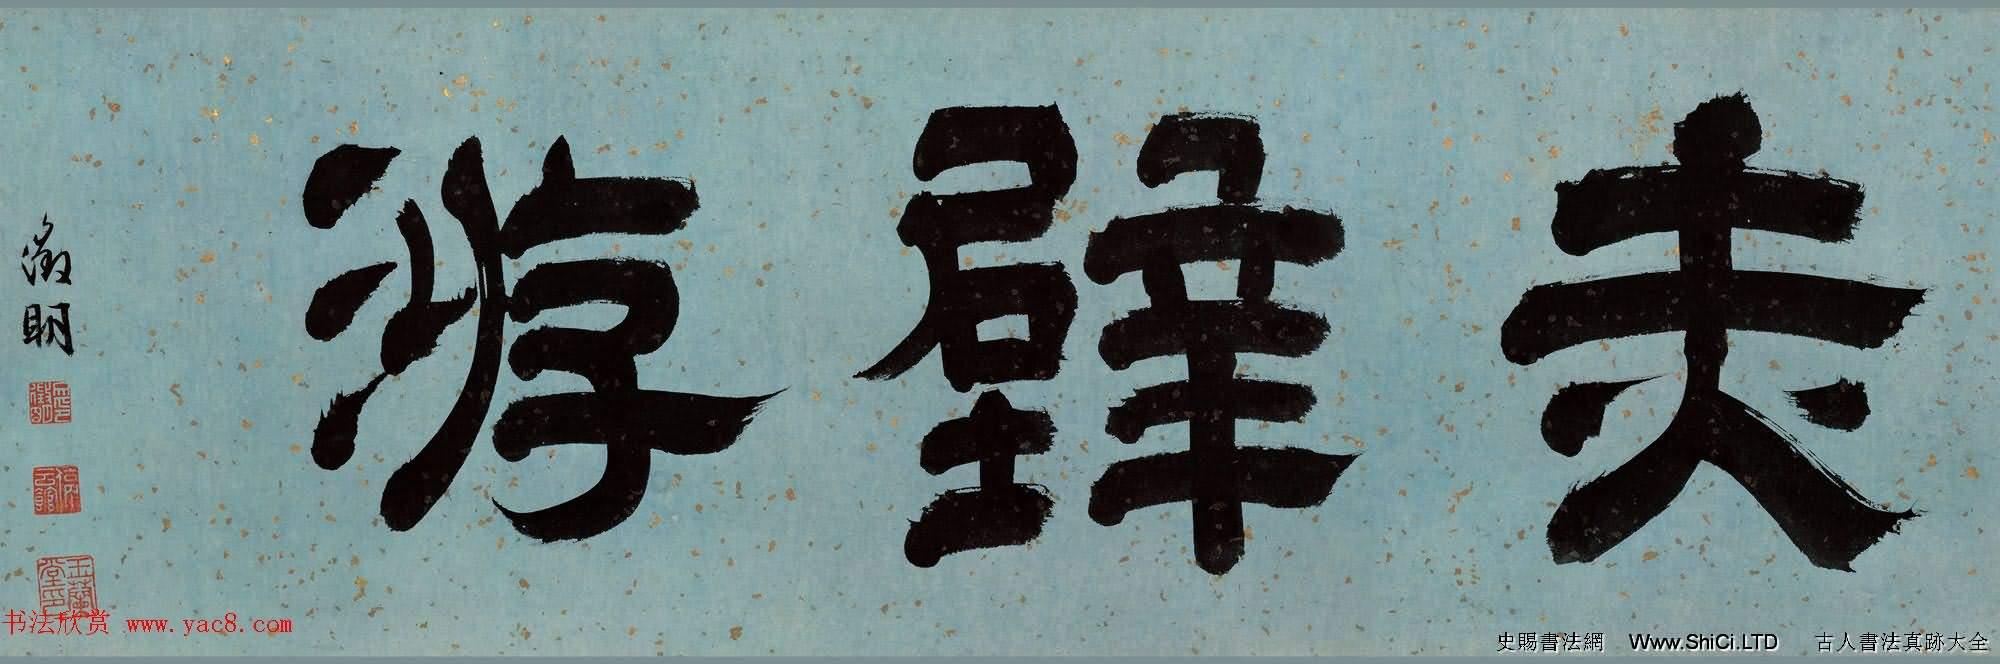 文征明大字書法題仇英赤壁圖卷(共5張圖片)